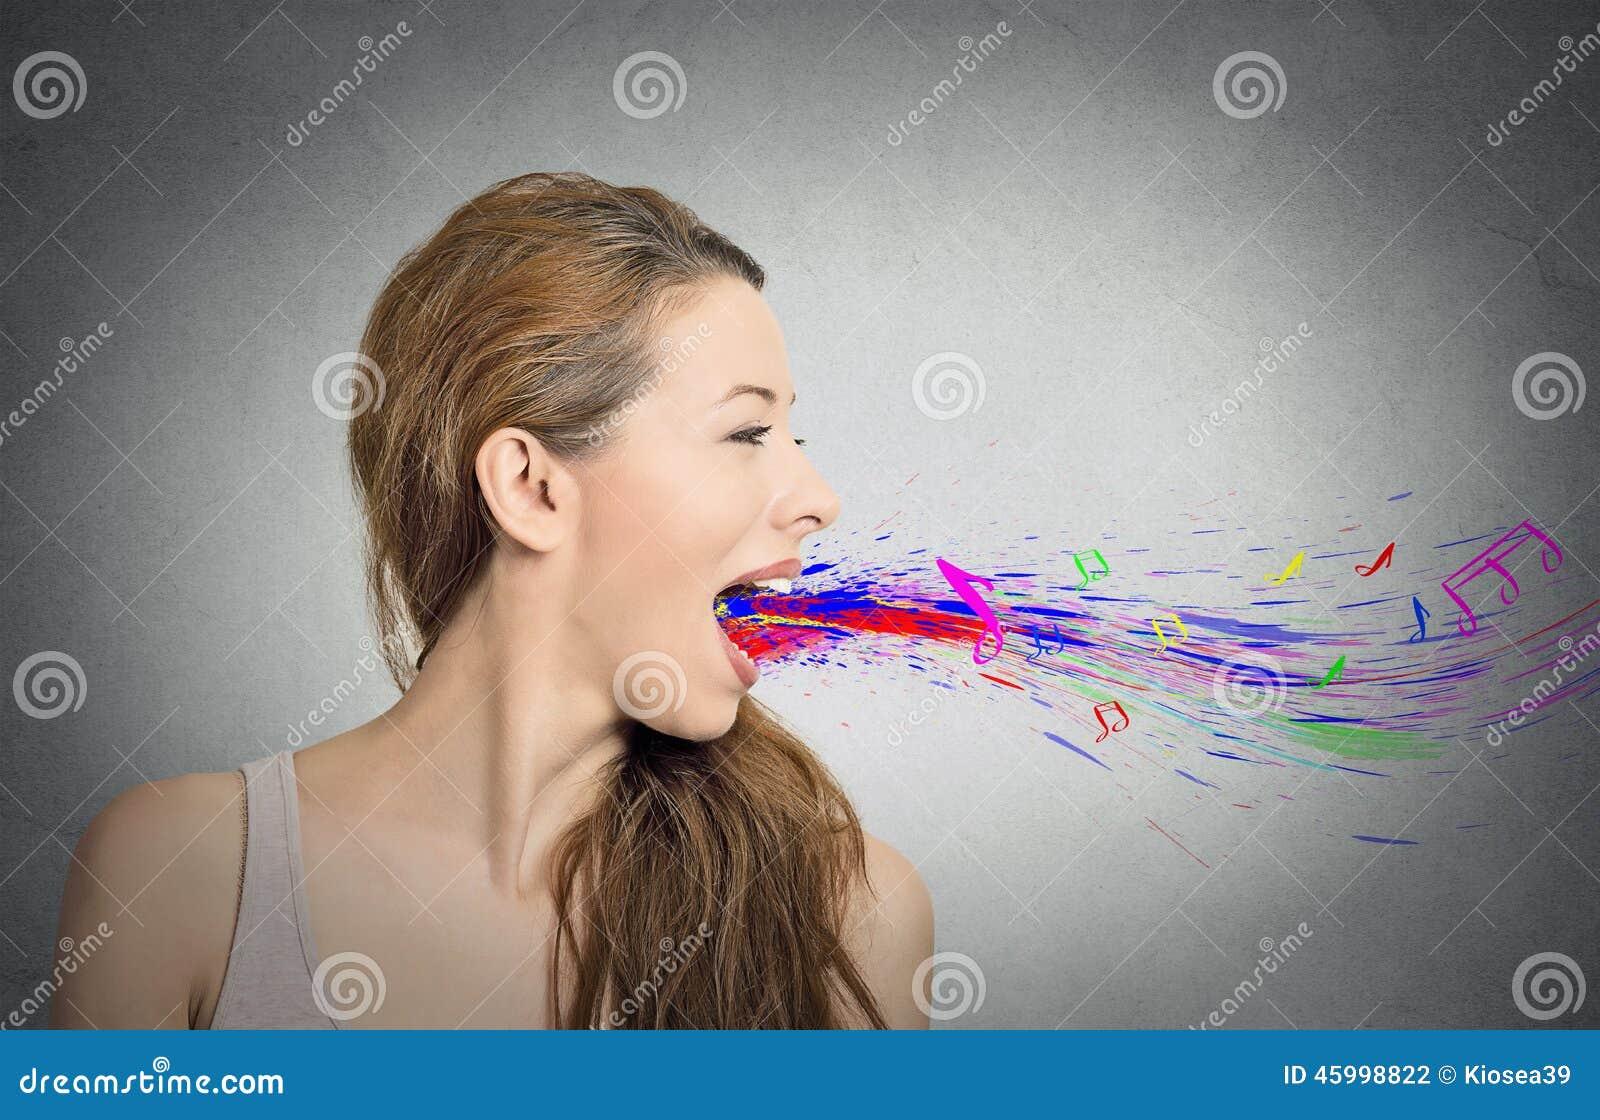 Die Frau, Die Offenem Mund Buntes Spritzen Singt, Merkt